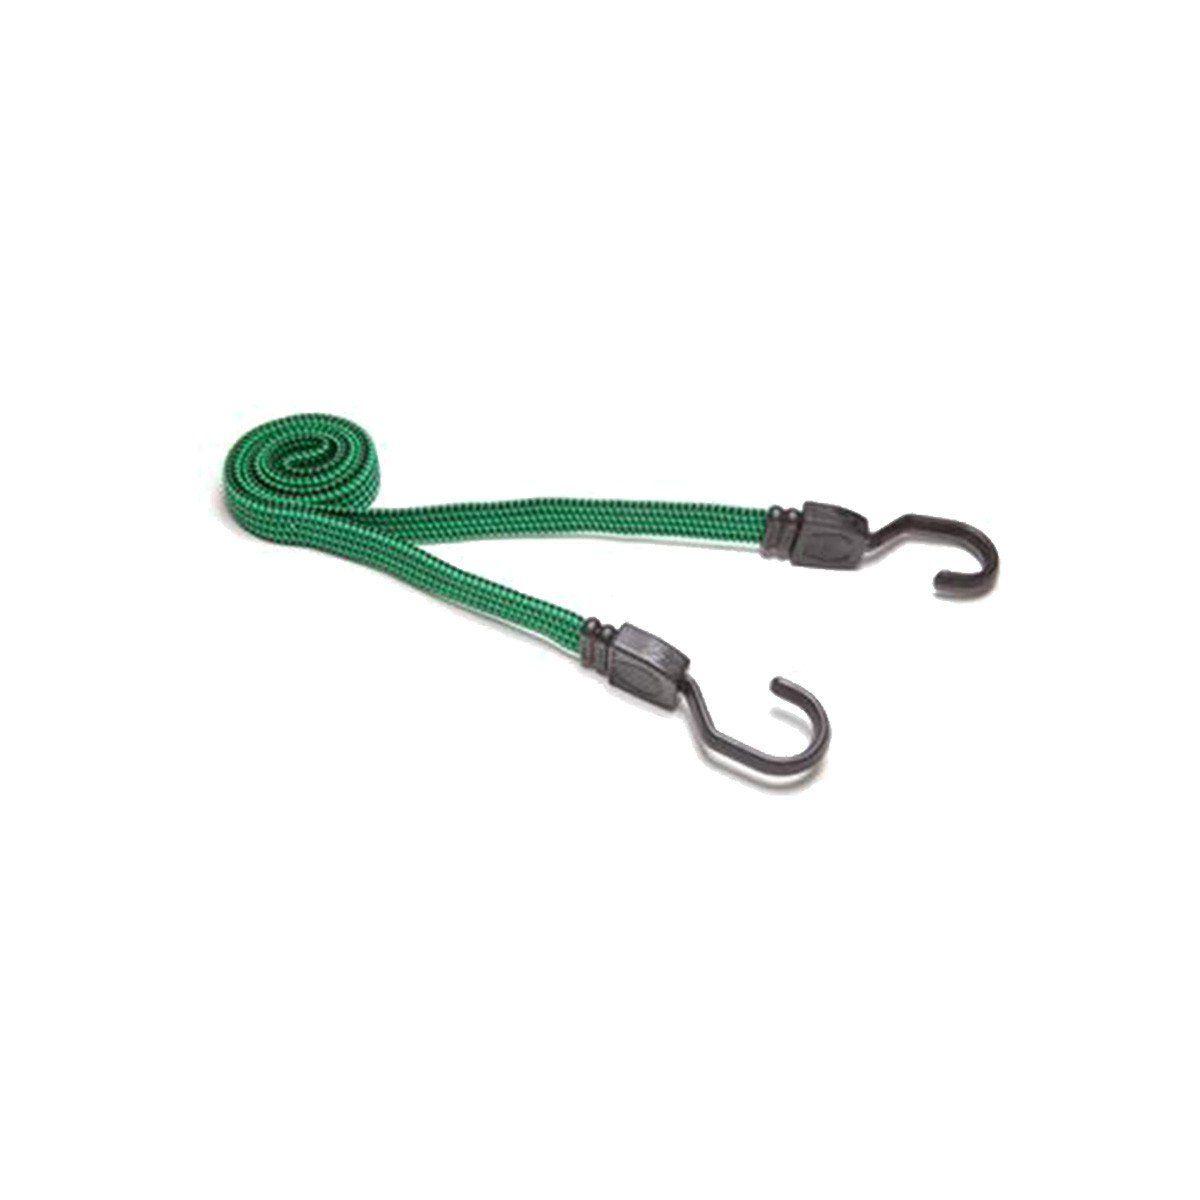 Corda Elástica Extensor Carga Com Gancho 1,20 Metros Verde